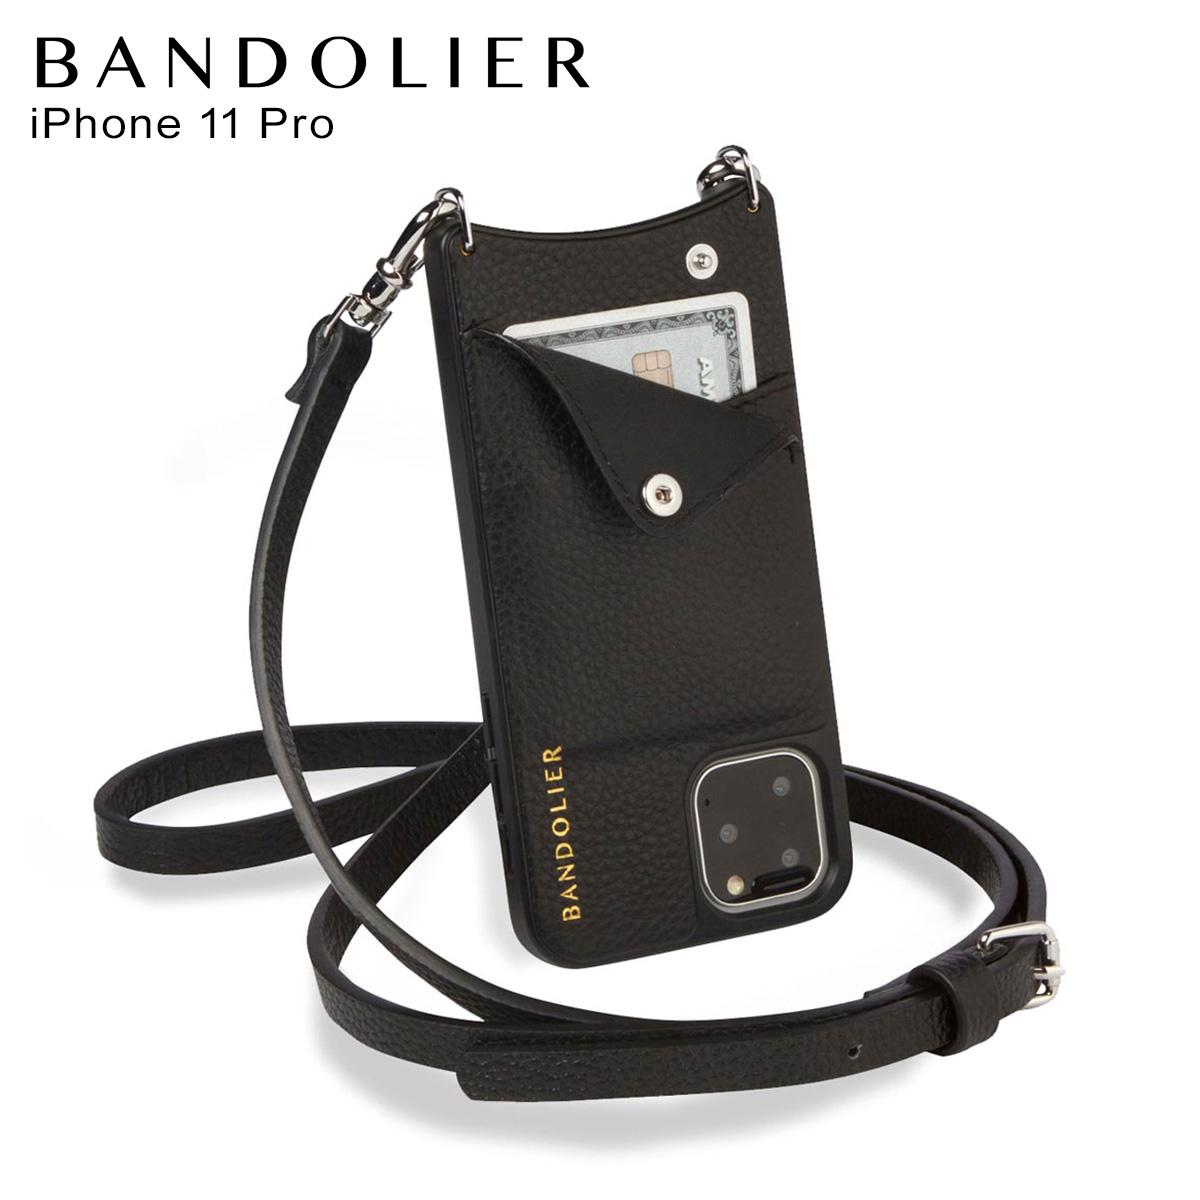 バンドリヤー BANDOLIER エマ シルバー iPhone11 Pro ケース スマホ 携帯 ショルダー アイフォン メンズ レディース EMMA SILVER ブラック 黒 2910